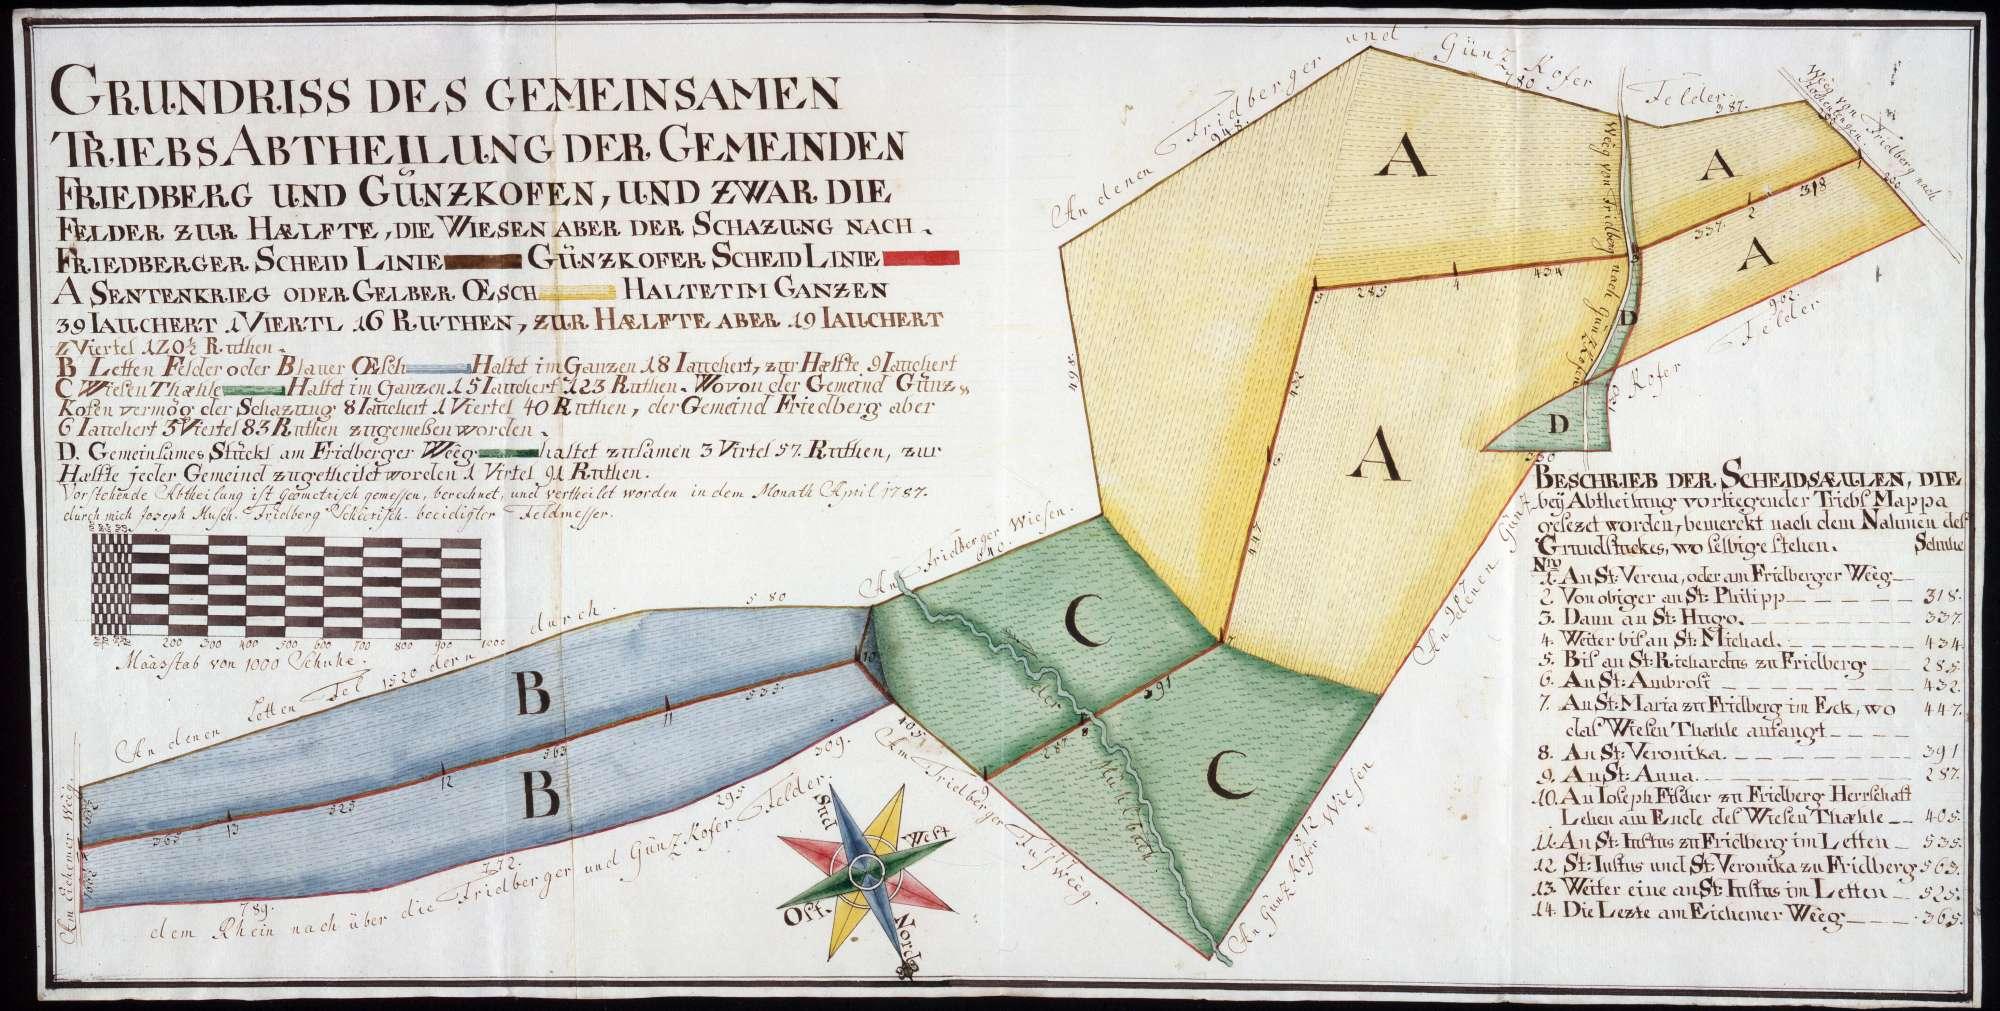 Gemeinsamer Viehtrieb der Gemeinden Friedberg und Günzkofen Maßstab ca. 1 : 2000 Zeichner: Joseph Musch col handgez., Bild 1